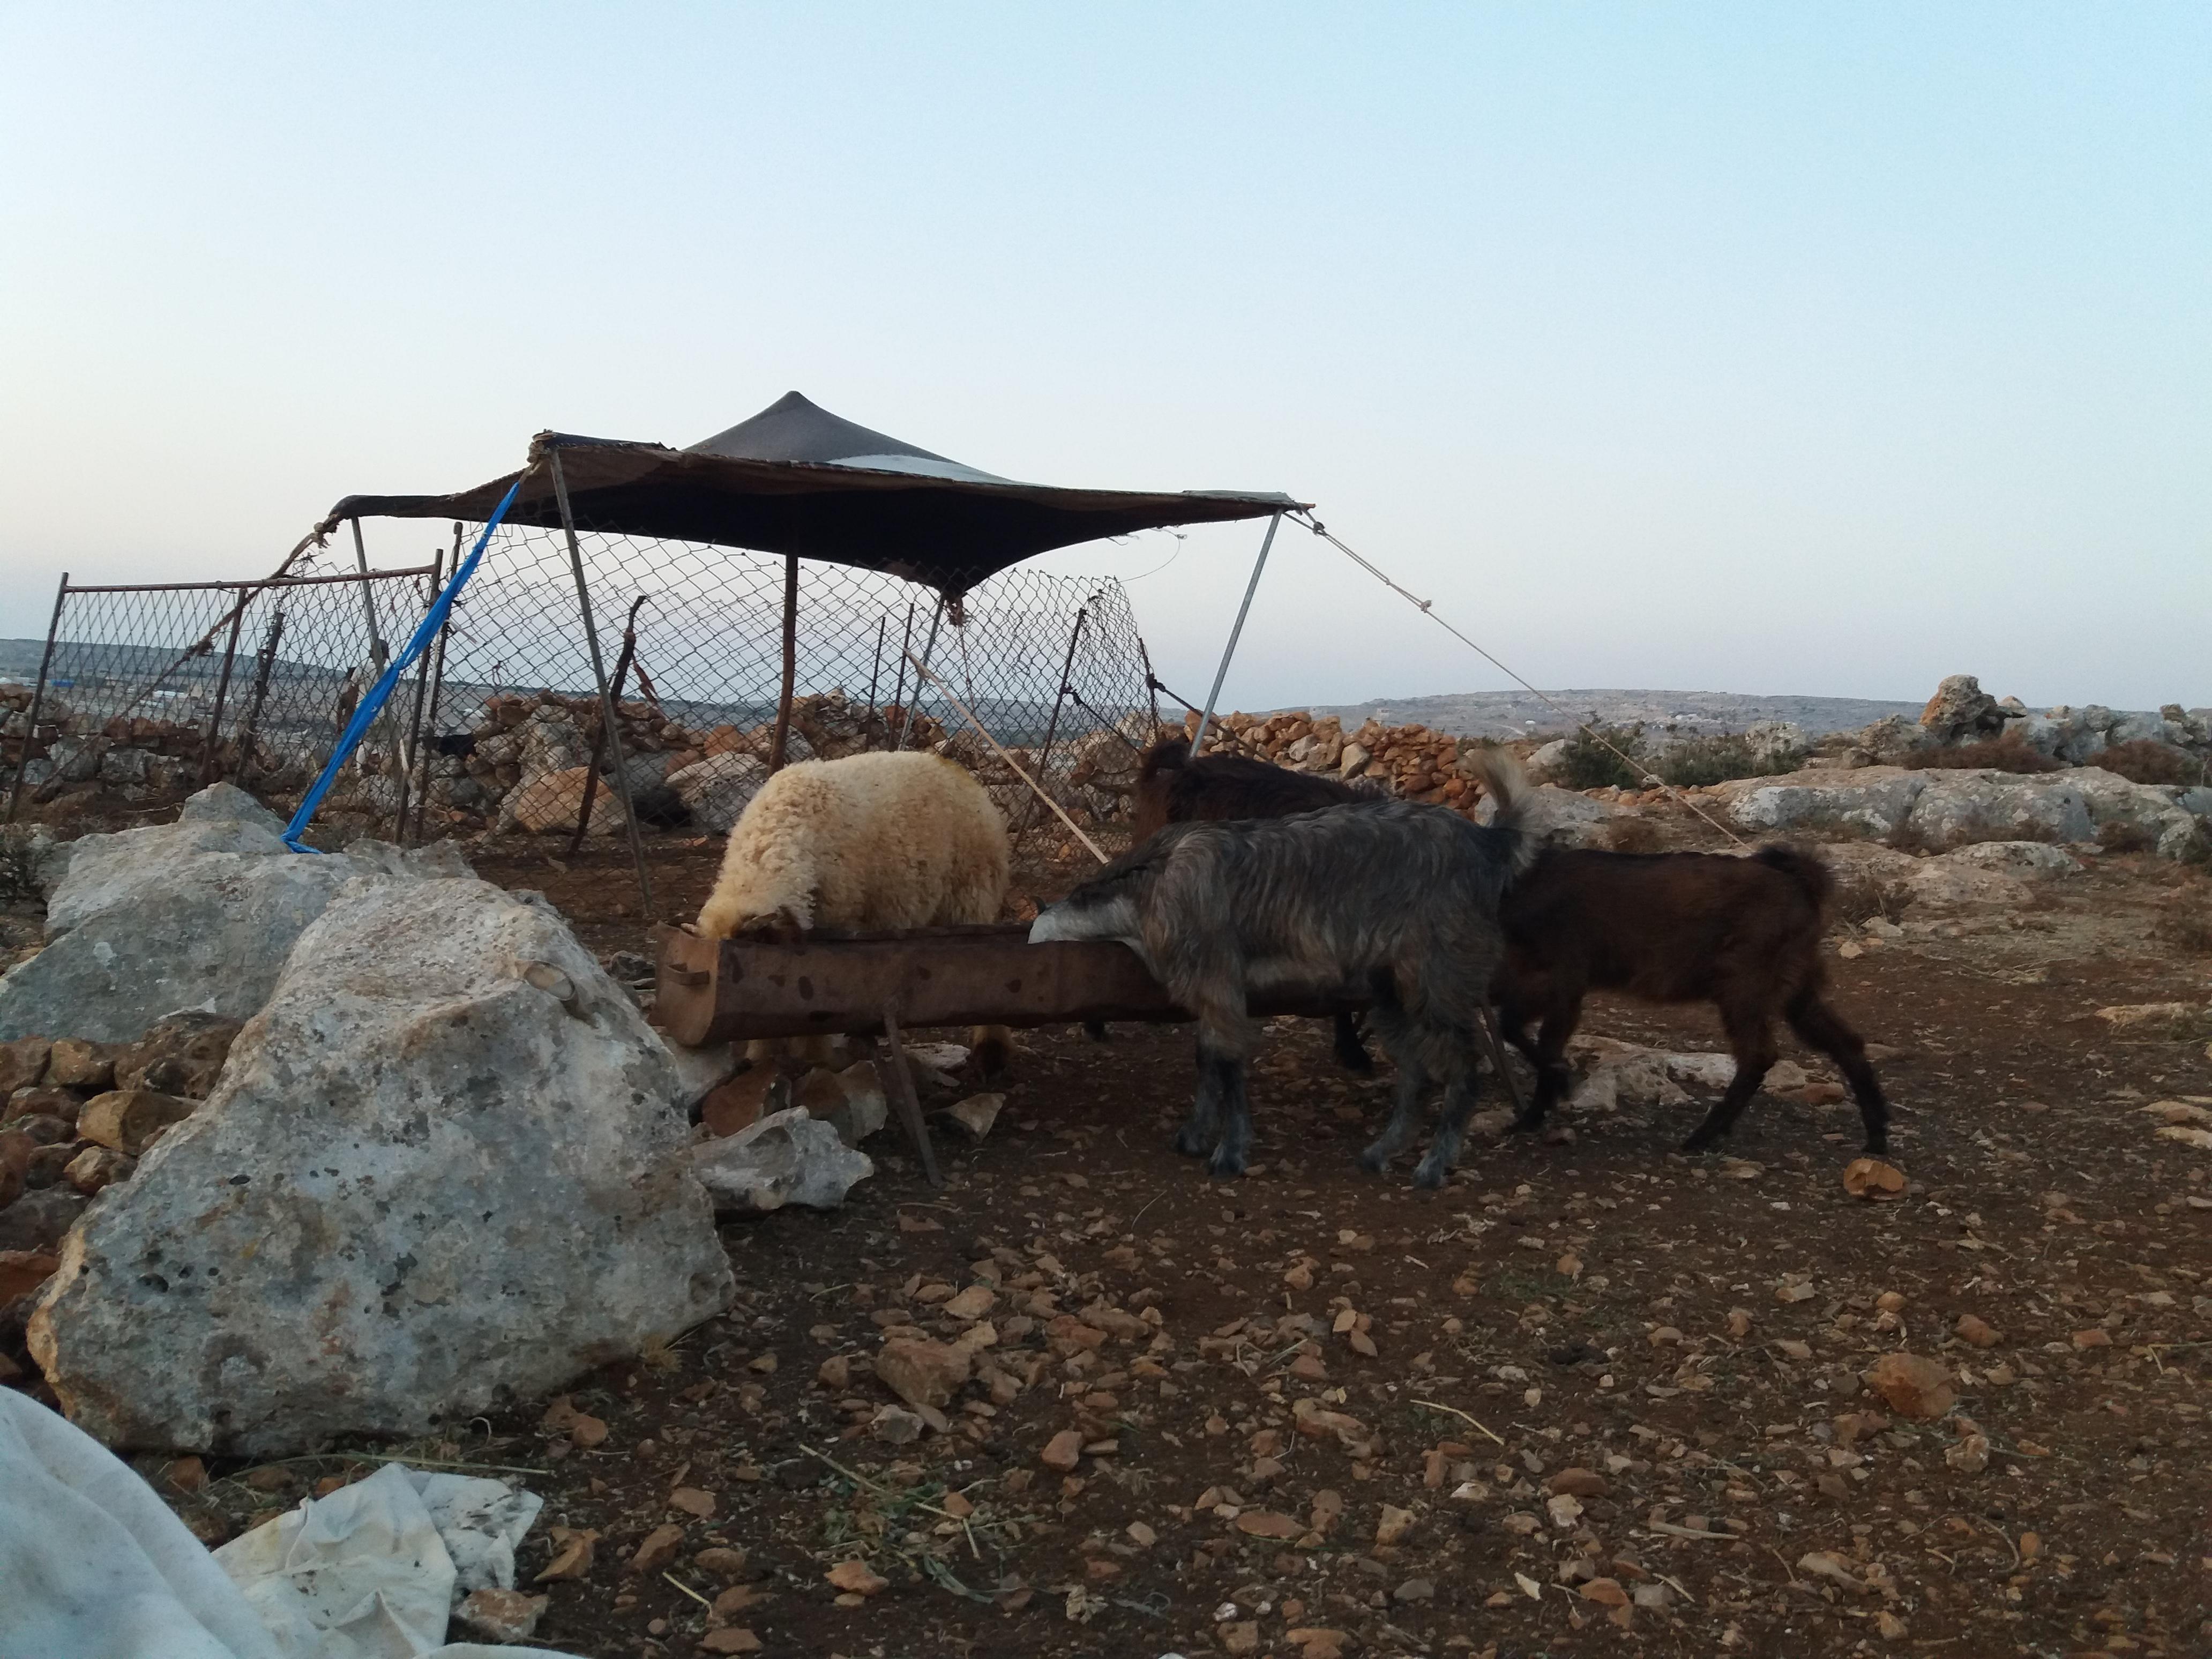 معالف لمواشي البدو بعد فقدان المراعي -فوكس حلب